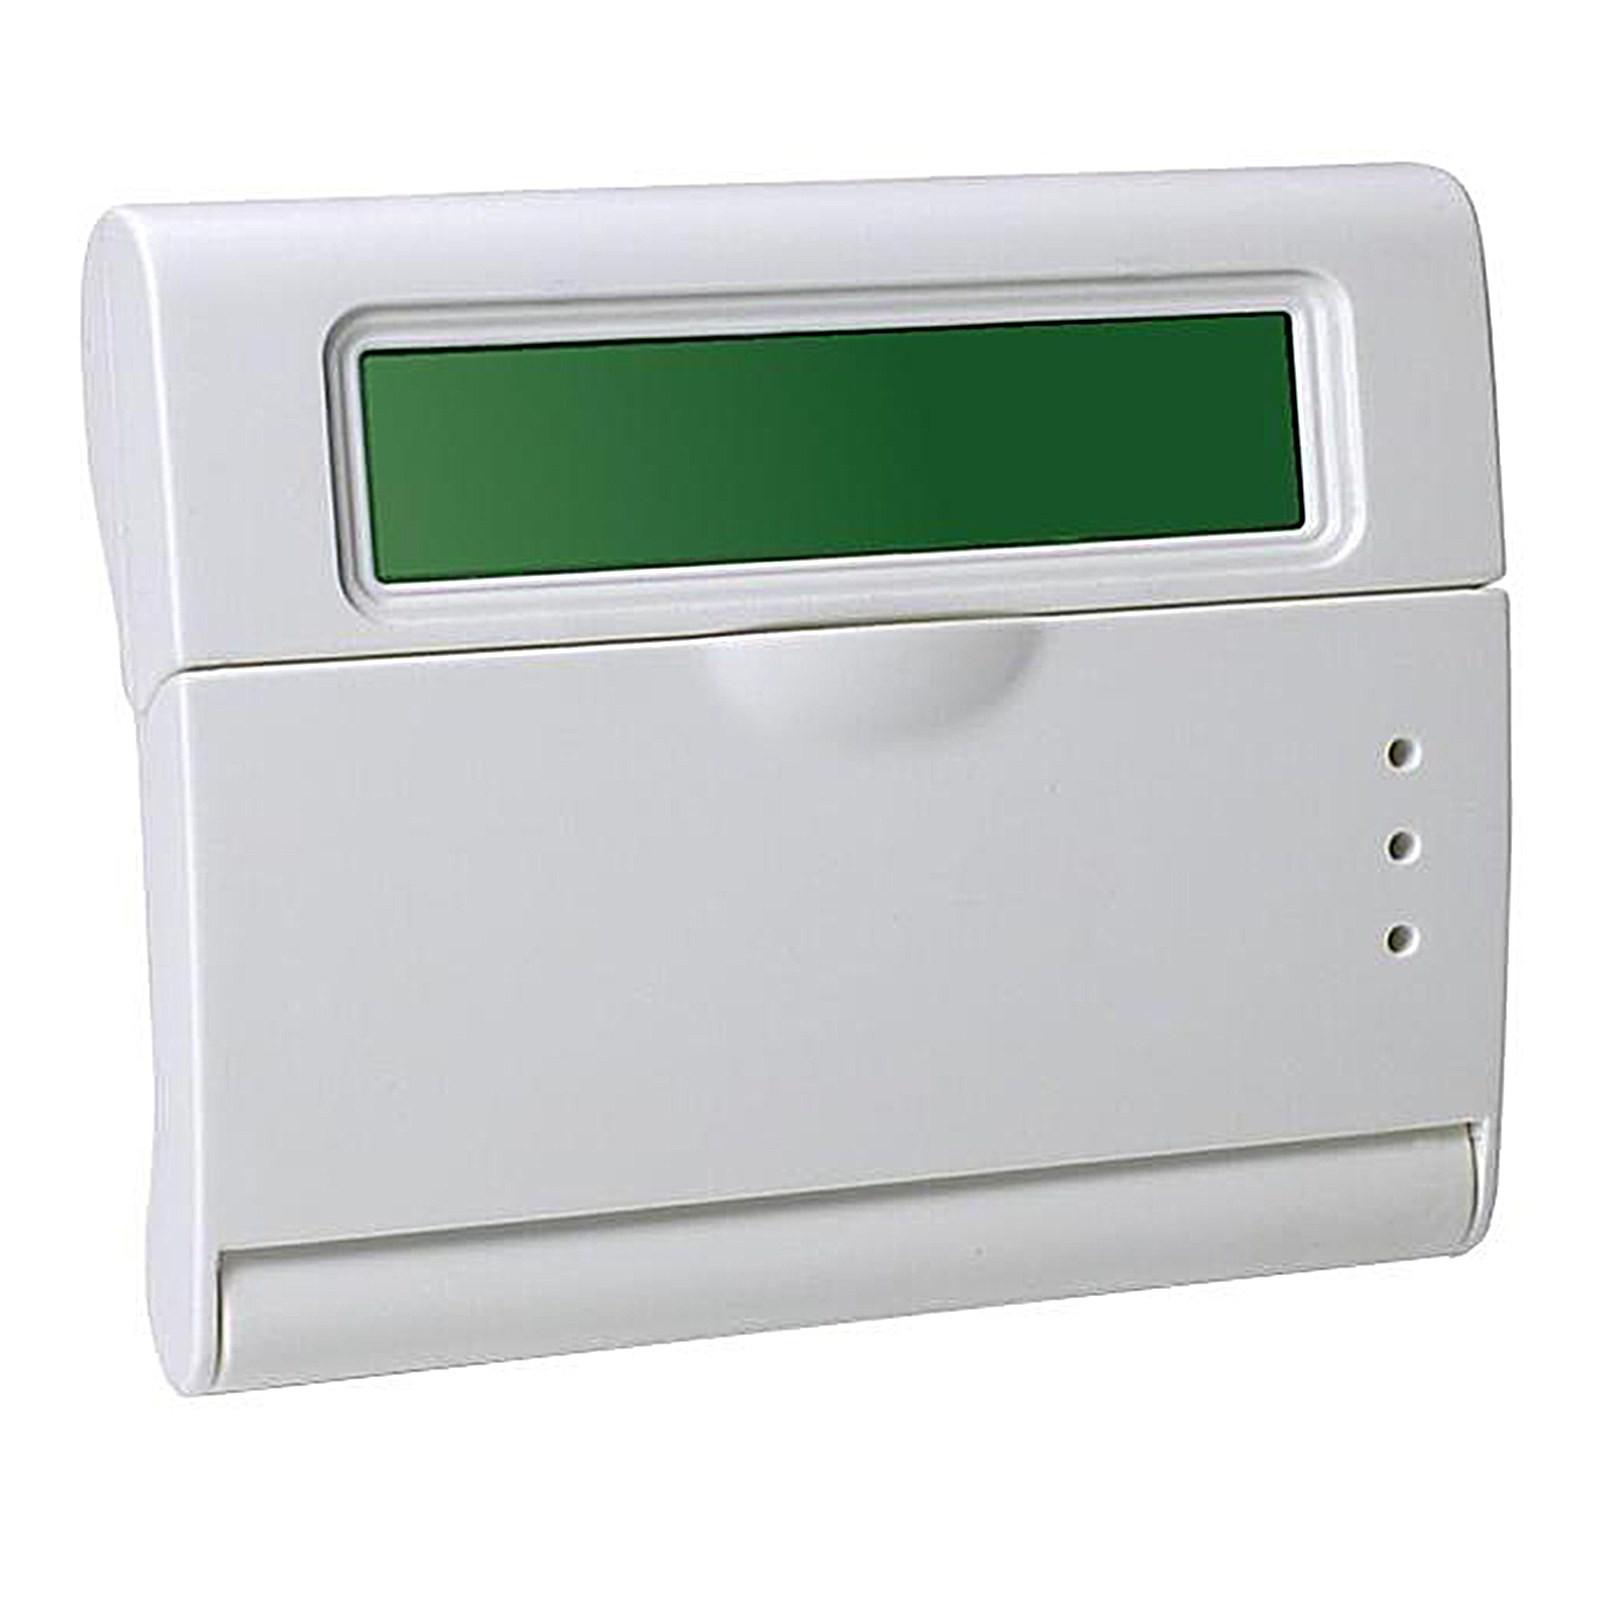 Kit antifurto allarme casa combinatore gsm cablato filare - Prezzo allarme casa ...